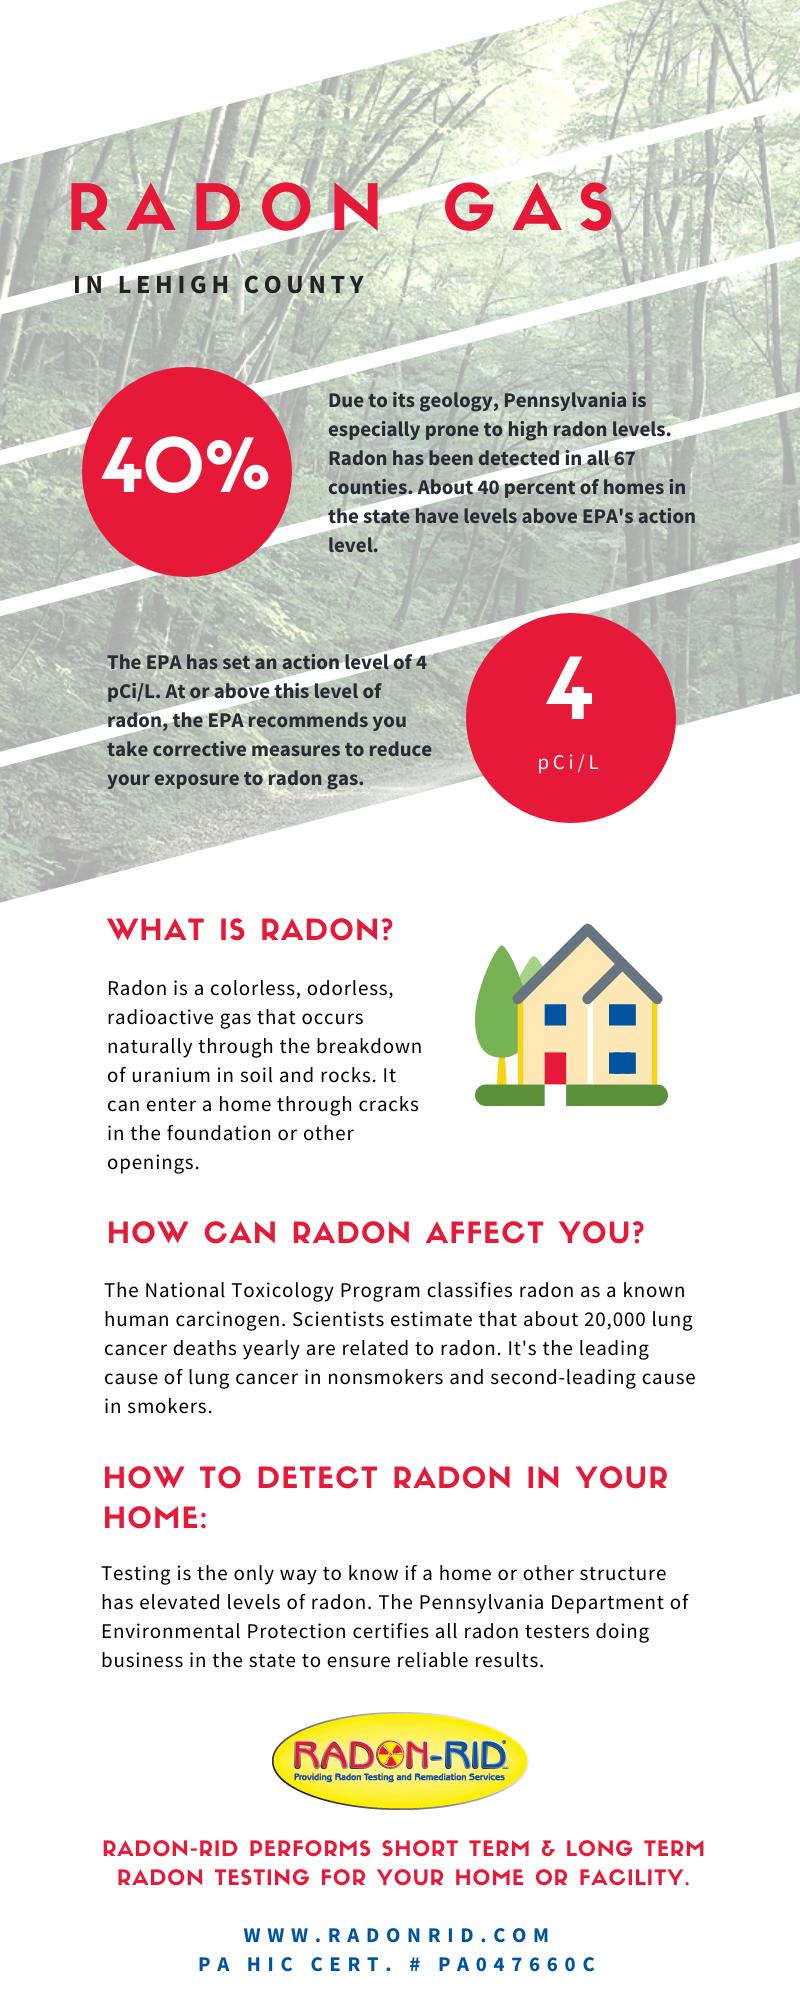 Radon levels in Lehigh County - Radon-Rid, LLC